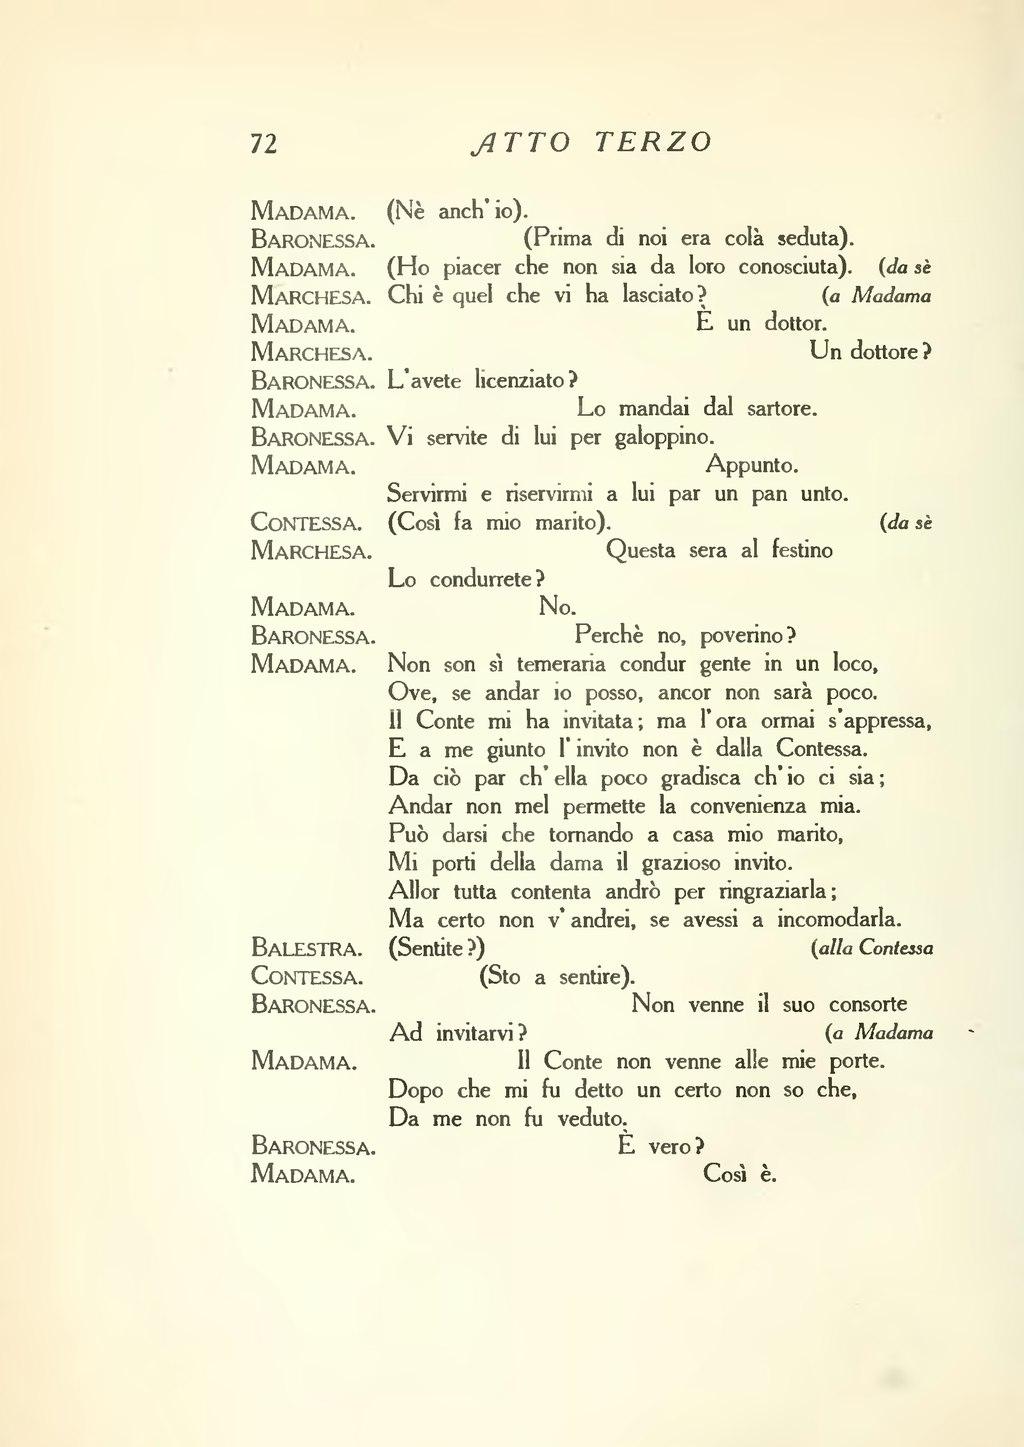 Un Certo Non So Che pagina:goldoni - opere complete, venezia 1911, xi.djvu/78